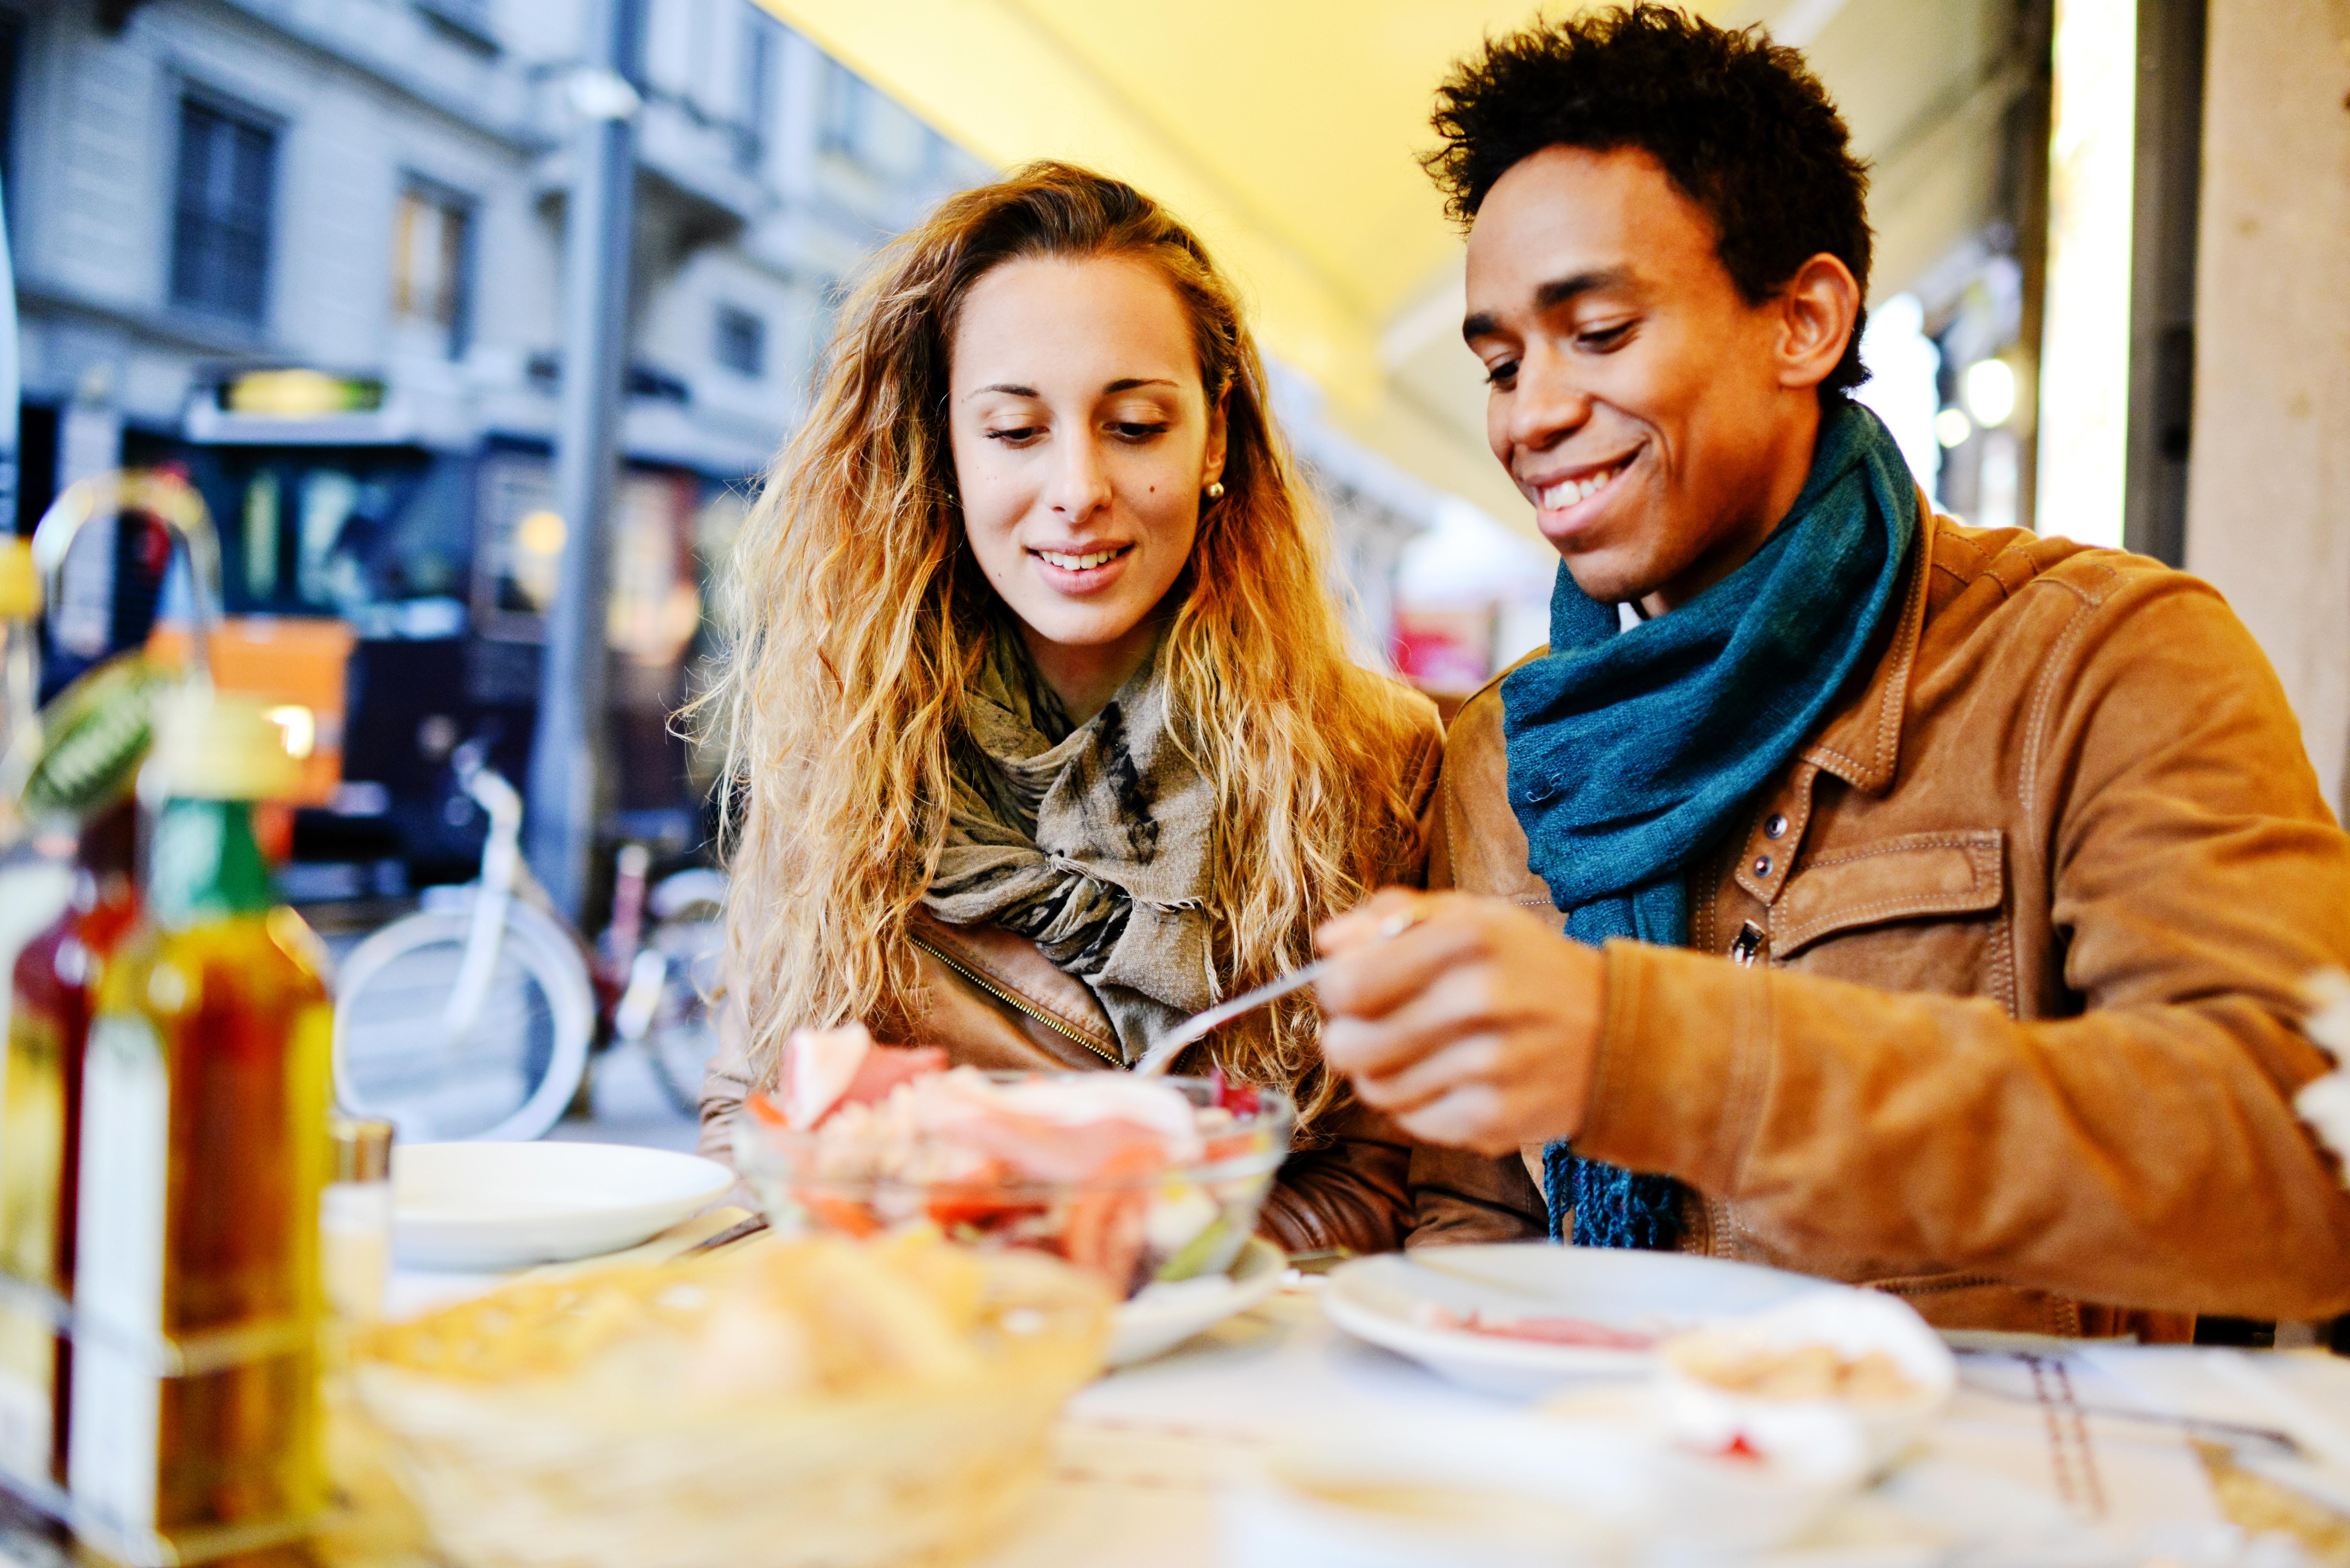 Saiba ter conversas informais e aprender muito com outras pessoas com diversidade cultural nos seus negócios.